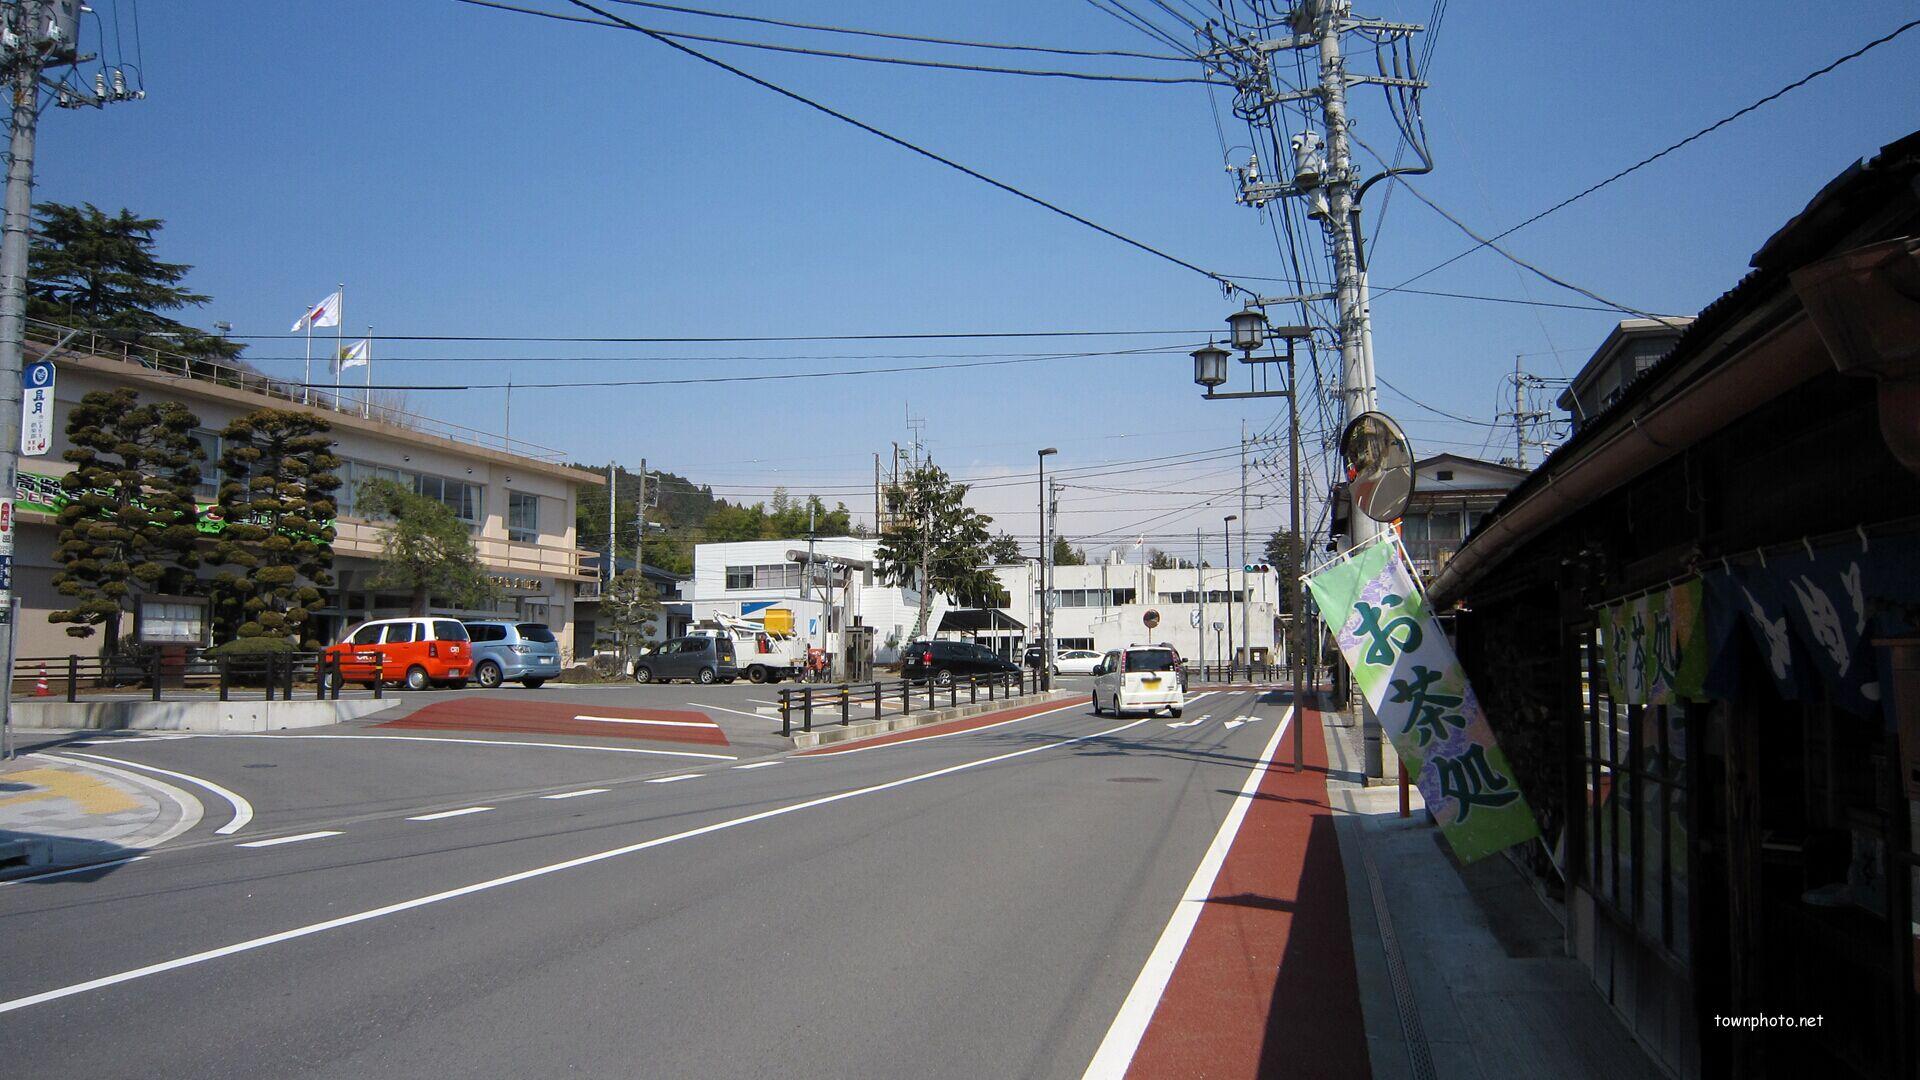 那須烏山市役所・山あげ会館付近 | 那須烏山の紹介 写真80枚